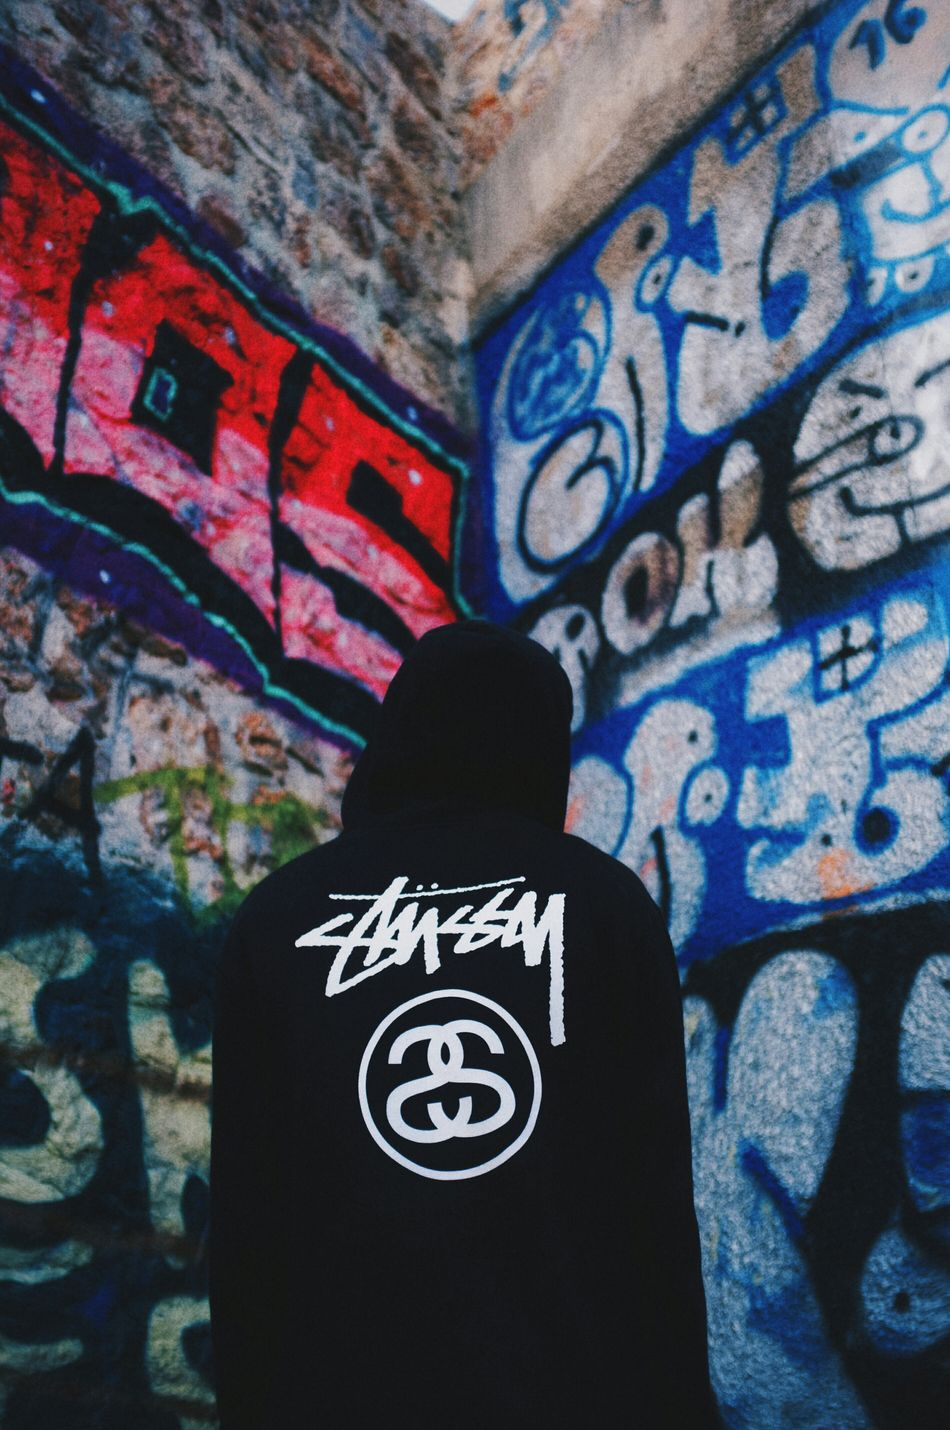 Dahoodish Stussy Stussyworld Stussyworldwide Stussy Co. Stussyday Streetwearfashion Streetwear Thehundreds UNDFTD Undefeated Street Fashion Portrait Urbanphotography Streetphotography Exploring_shotz Exploring Graffiti Streetart Streetphoto Urban Photography Urban Lifestyle Urbanexplorer Urbanstyle Photoshoot Photooftheday